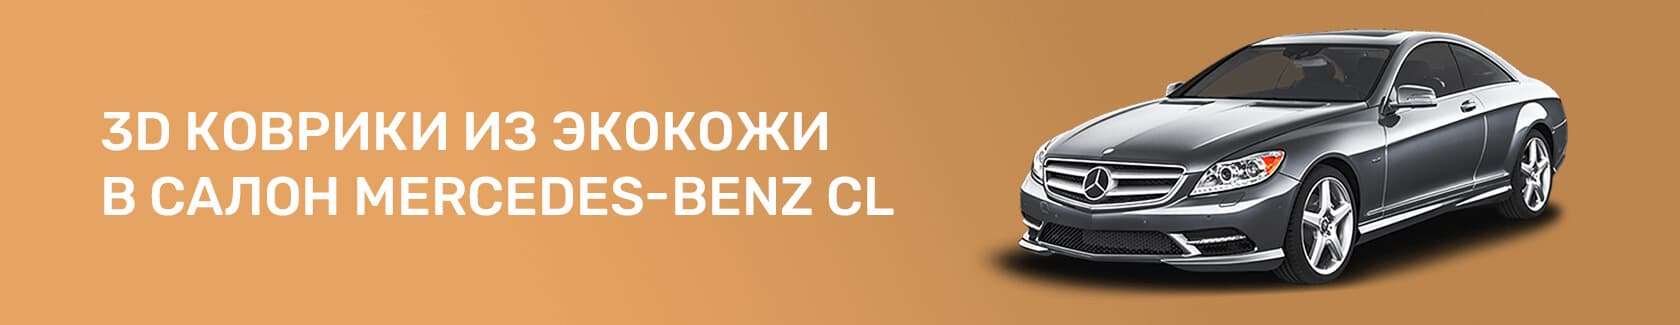 Коврики из экокожи для Mercedes-Benz CL